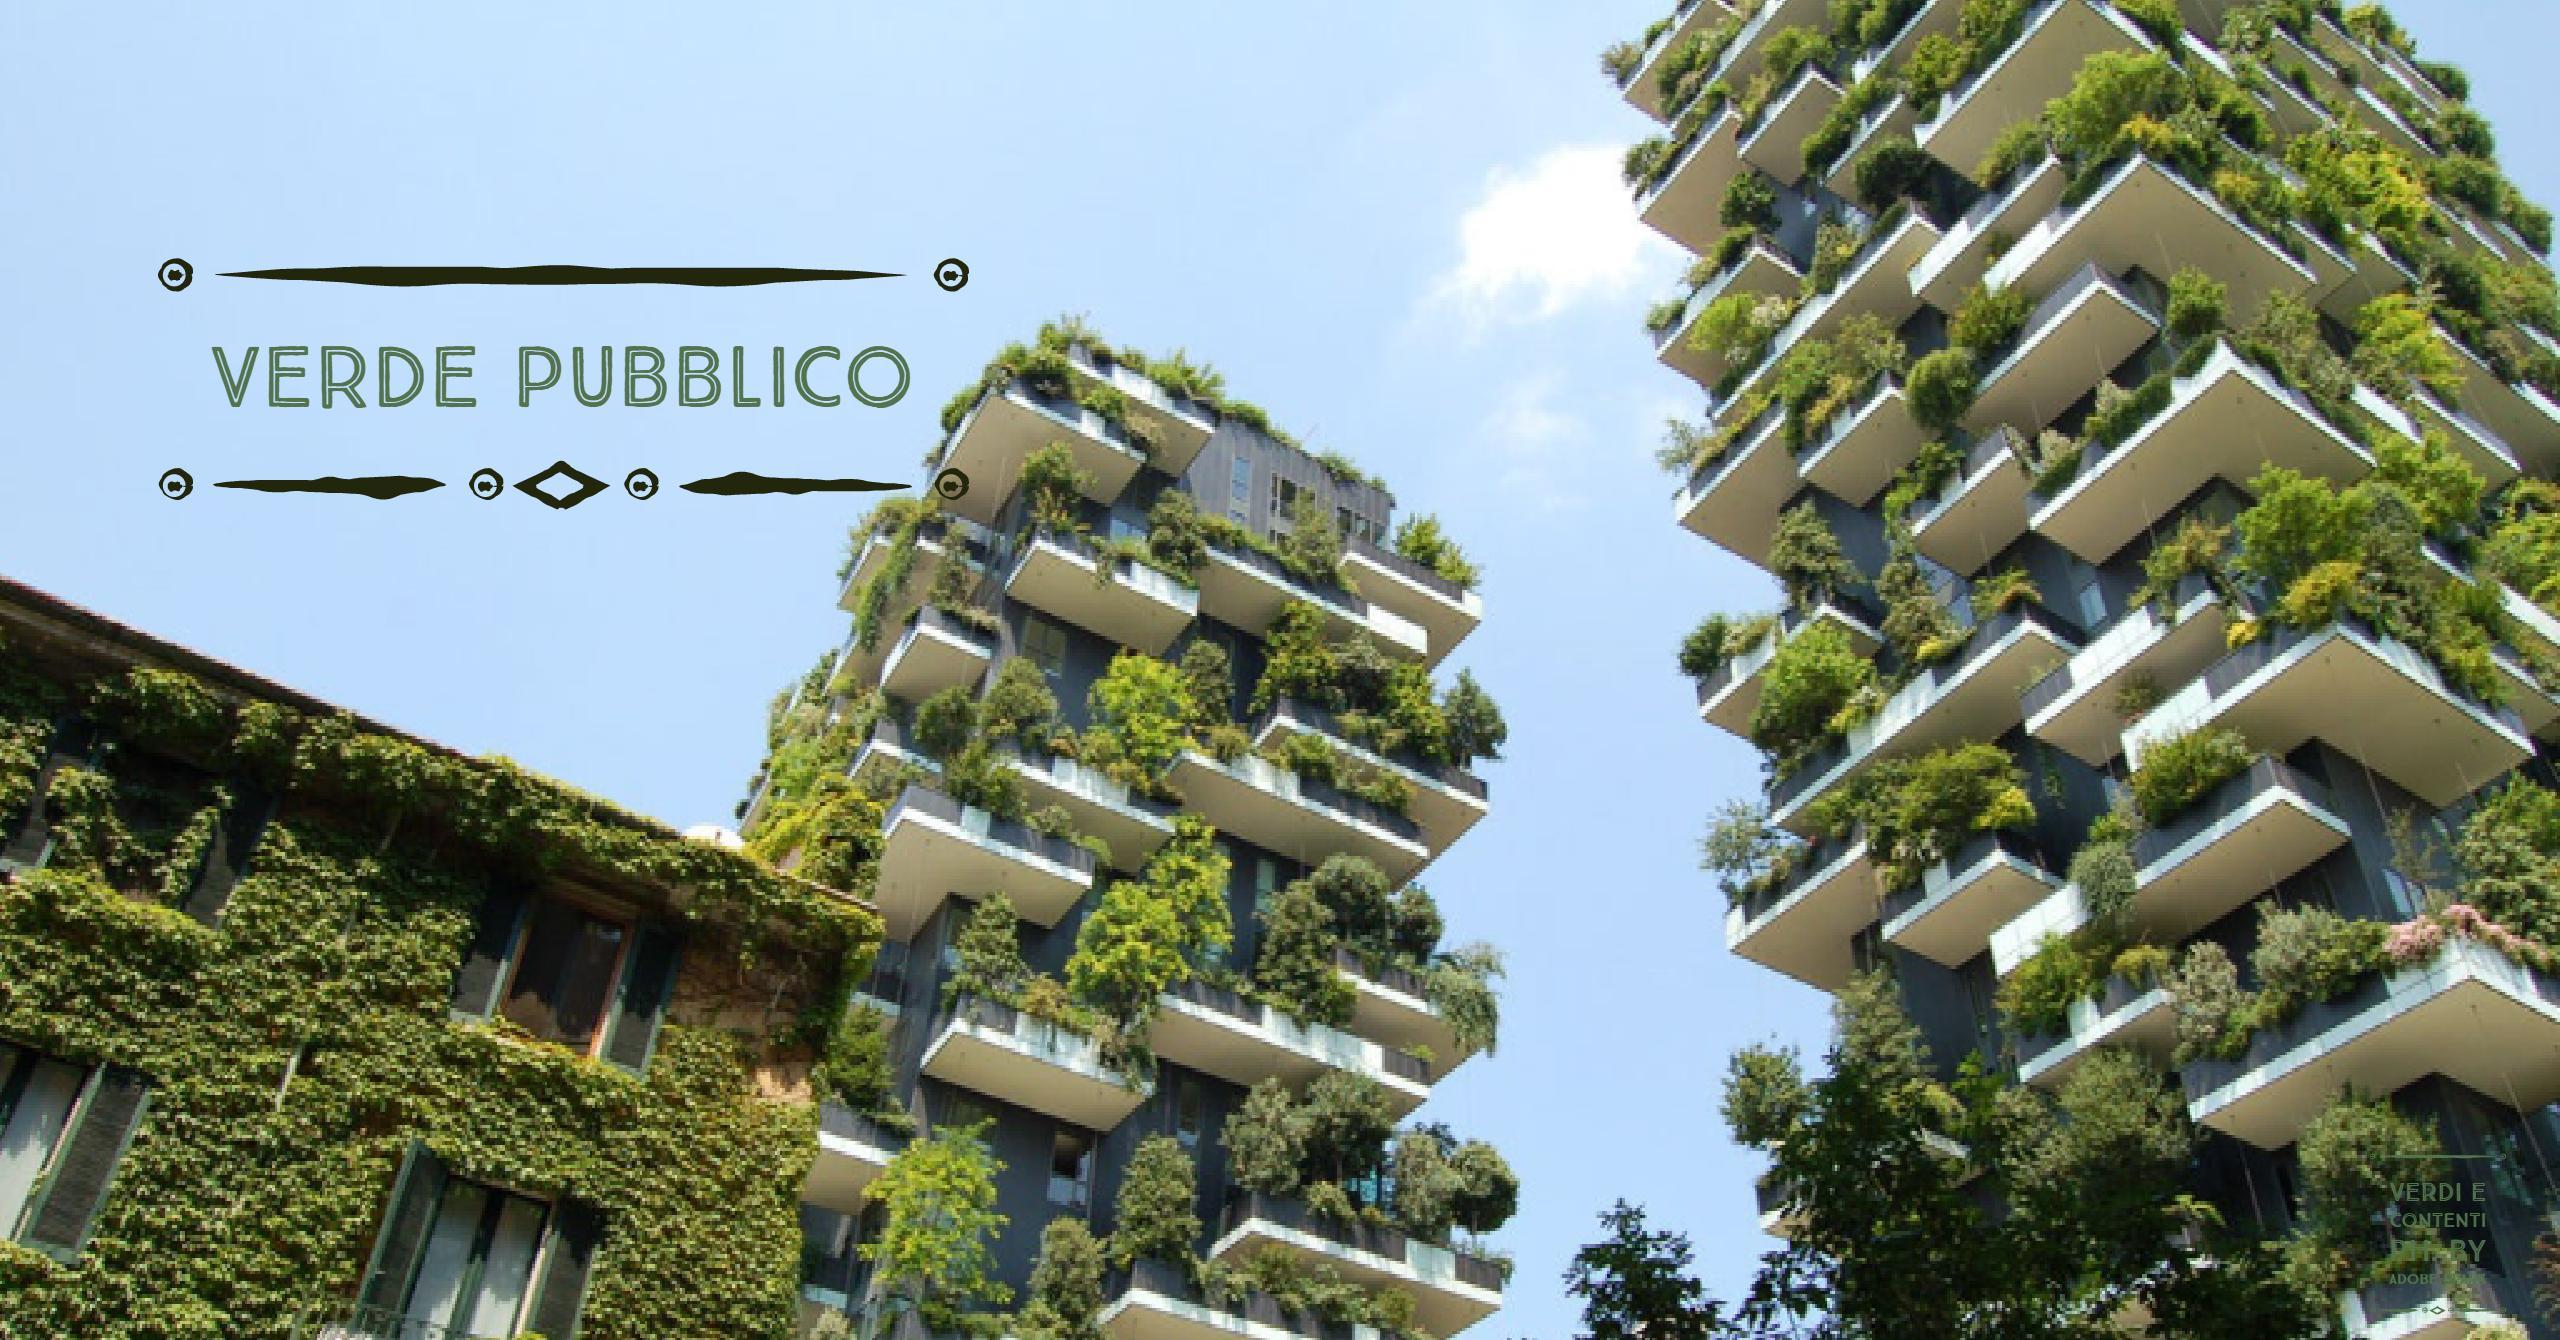 Verde pubblico ecco i vantaggi. Svegliamo le nostre coscienze green.